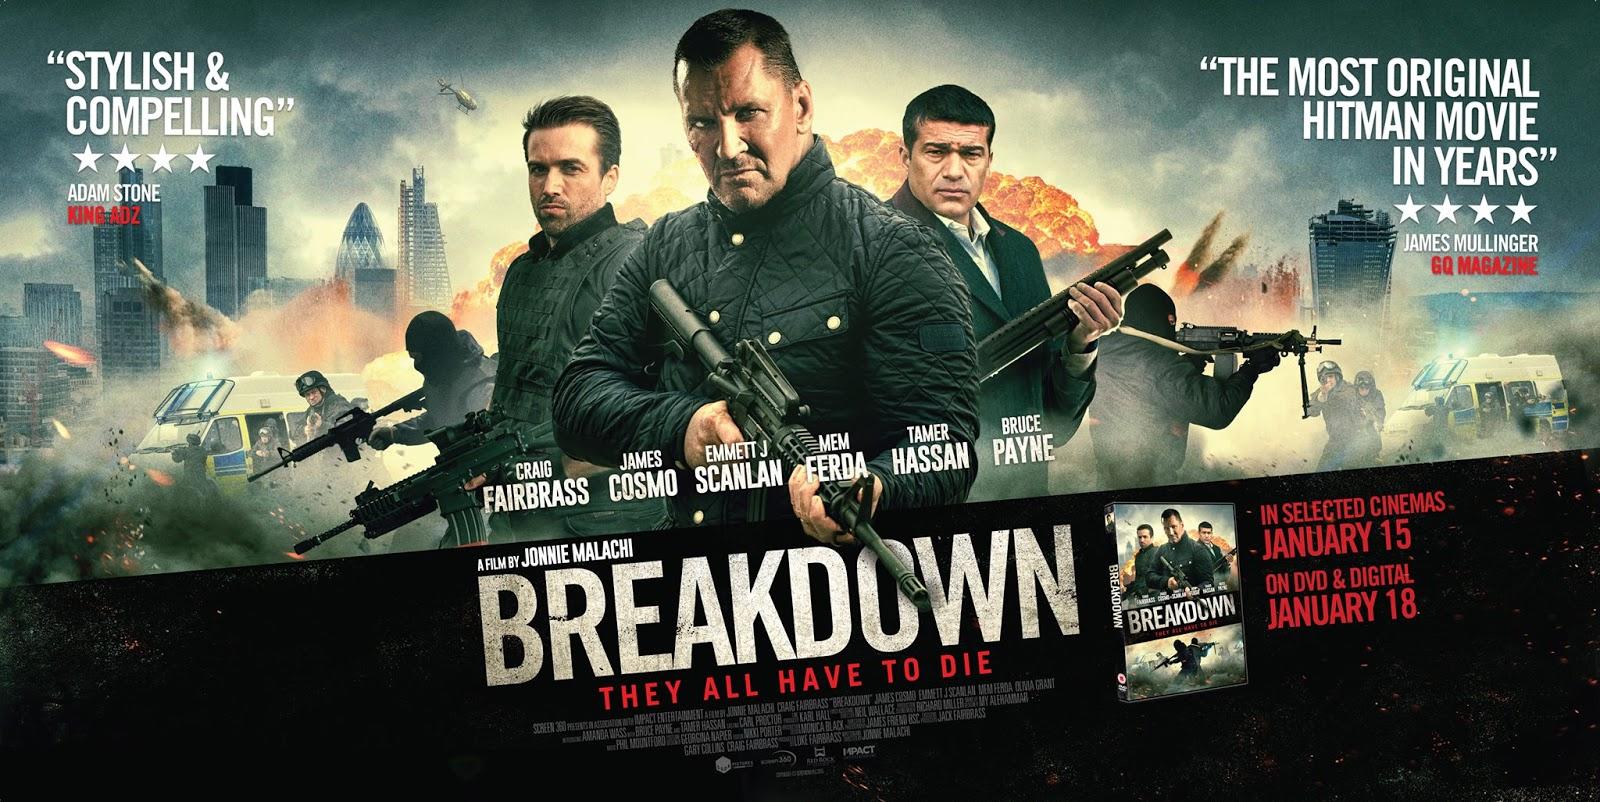 Breakdown-Quad-Poster-Jonnie-Malachi.jpg